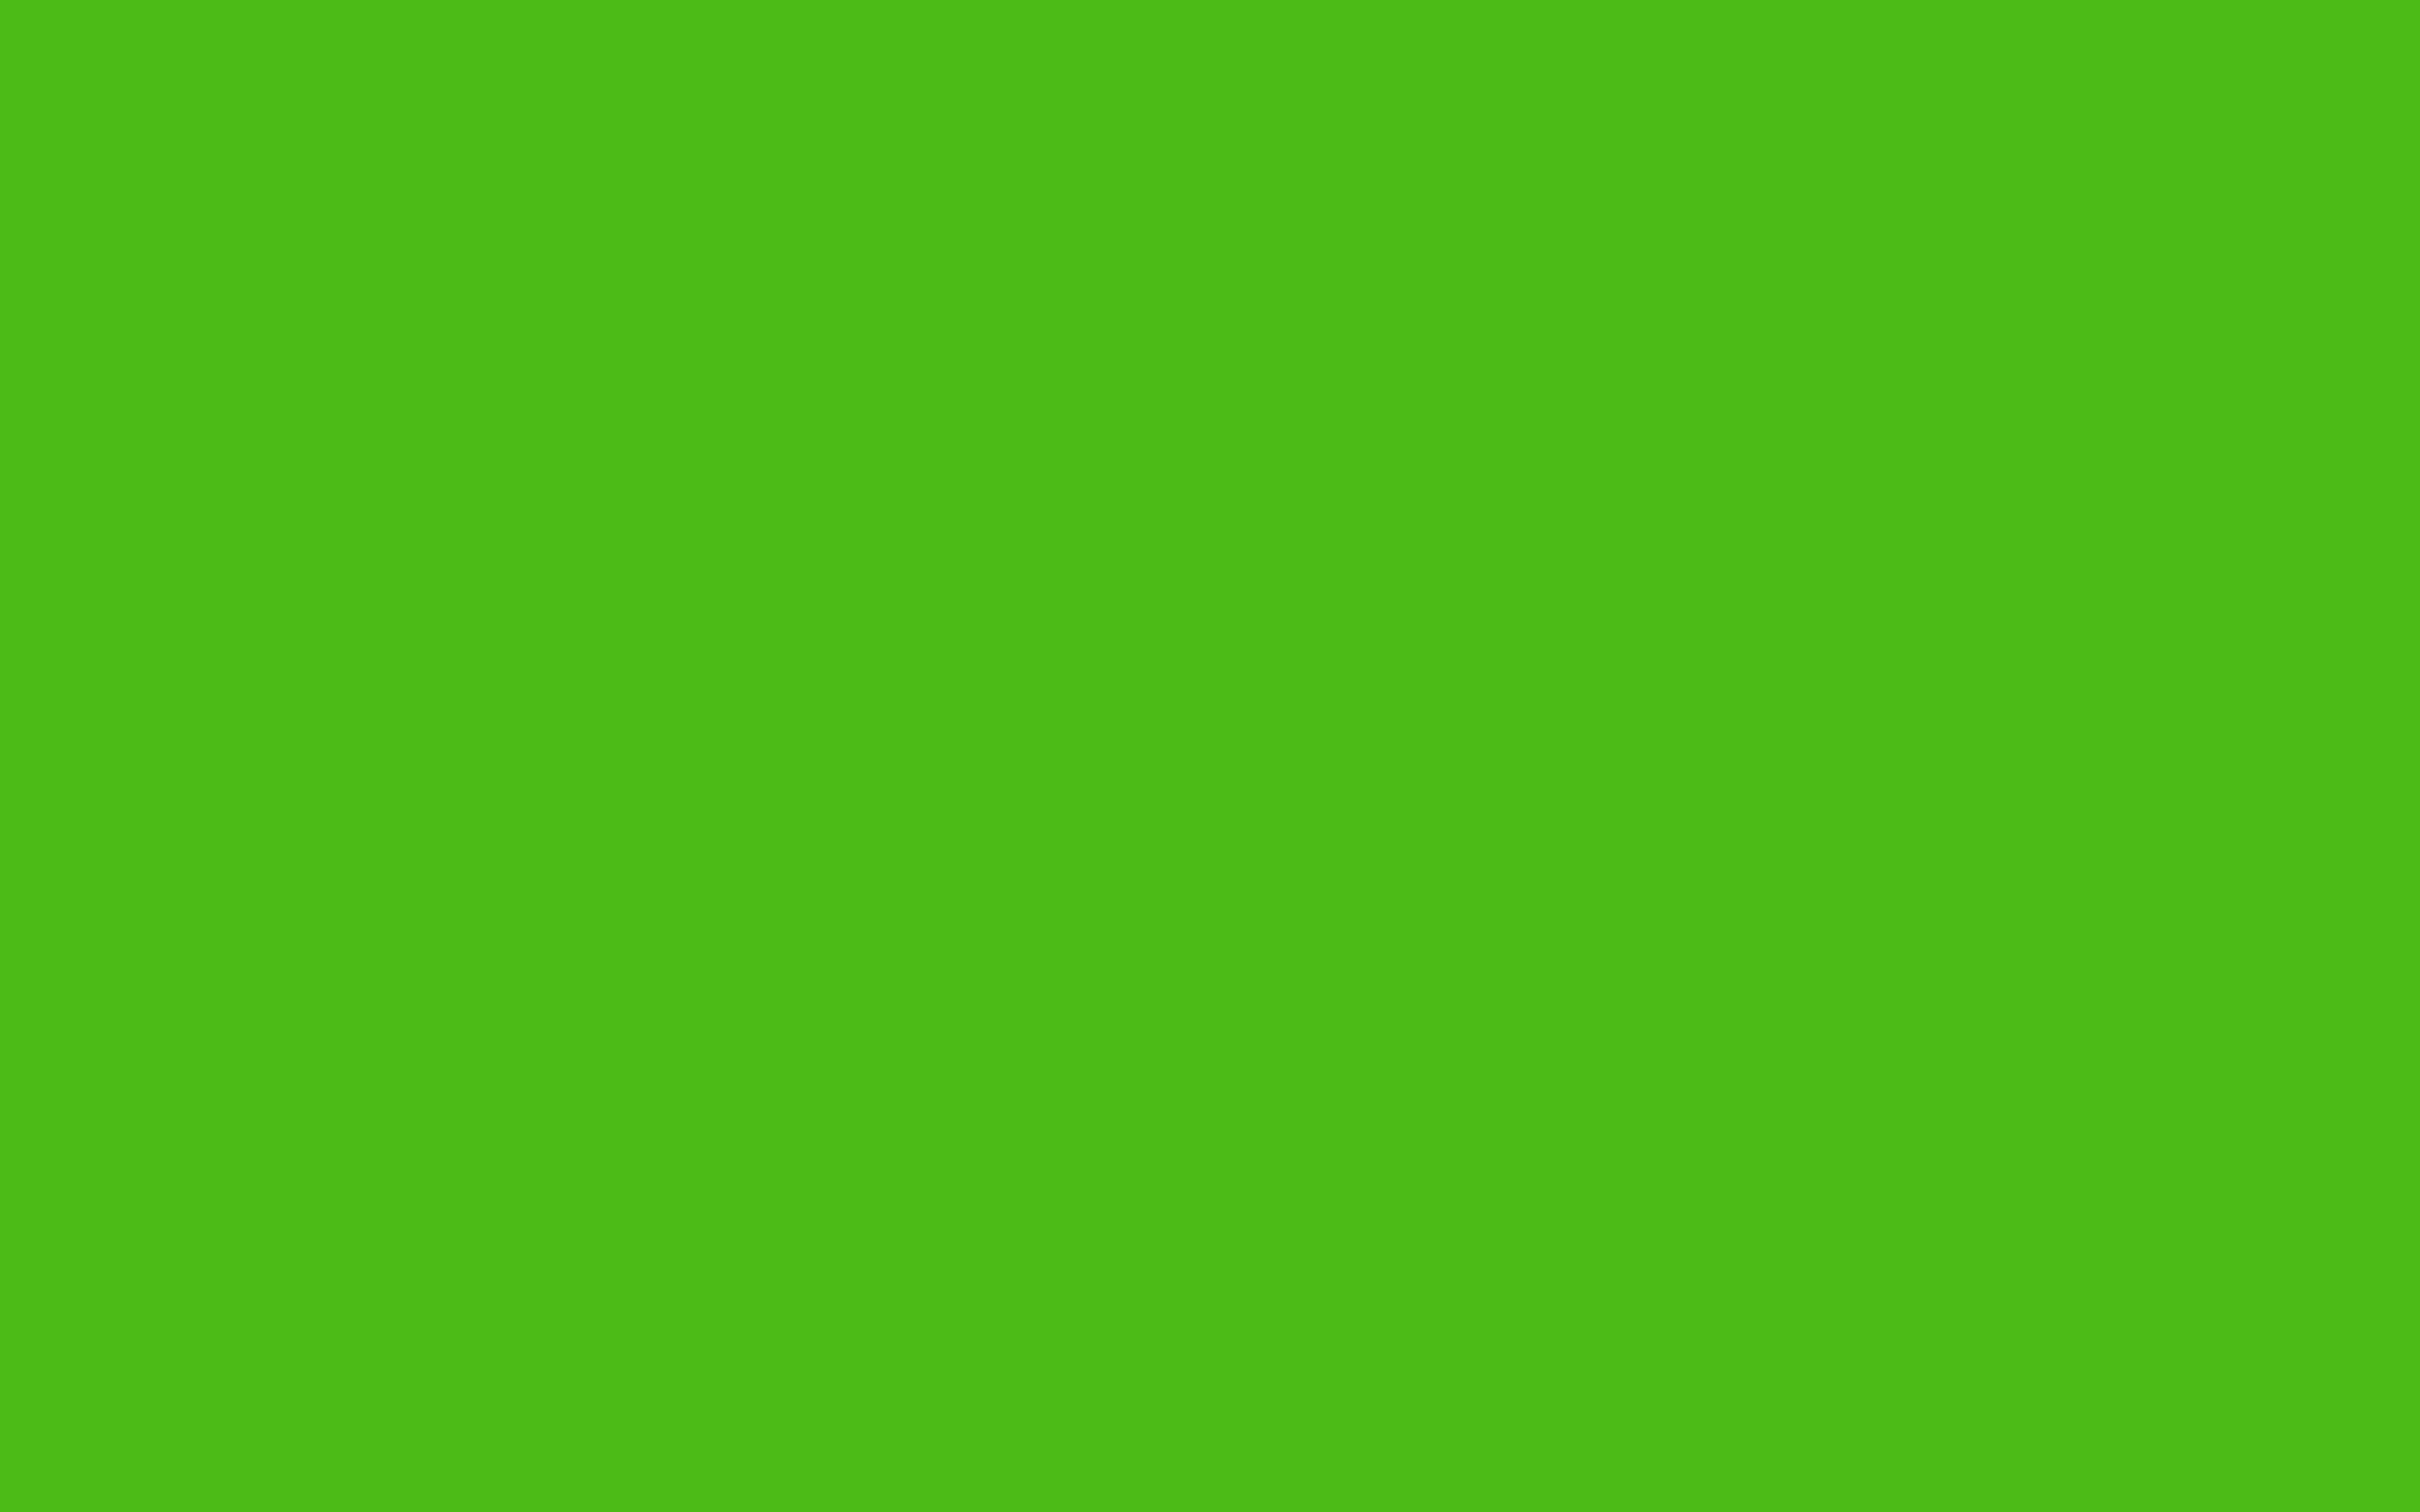 21143 Parrot Green